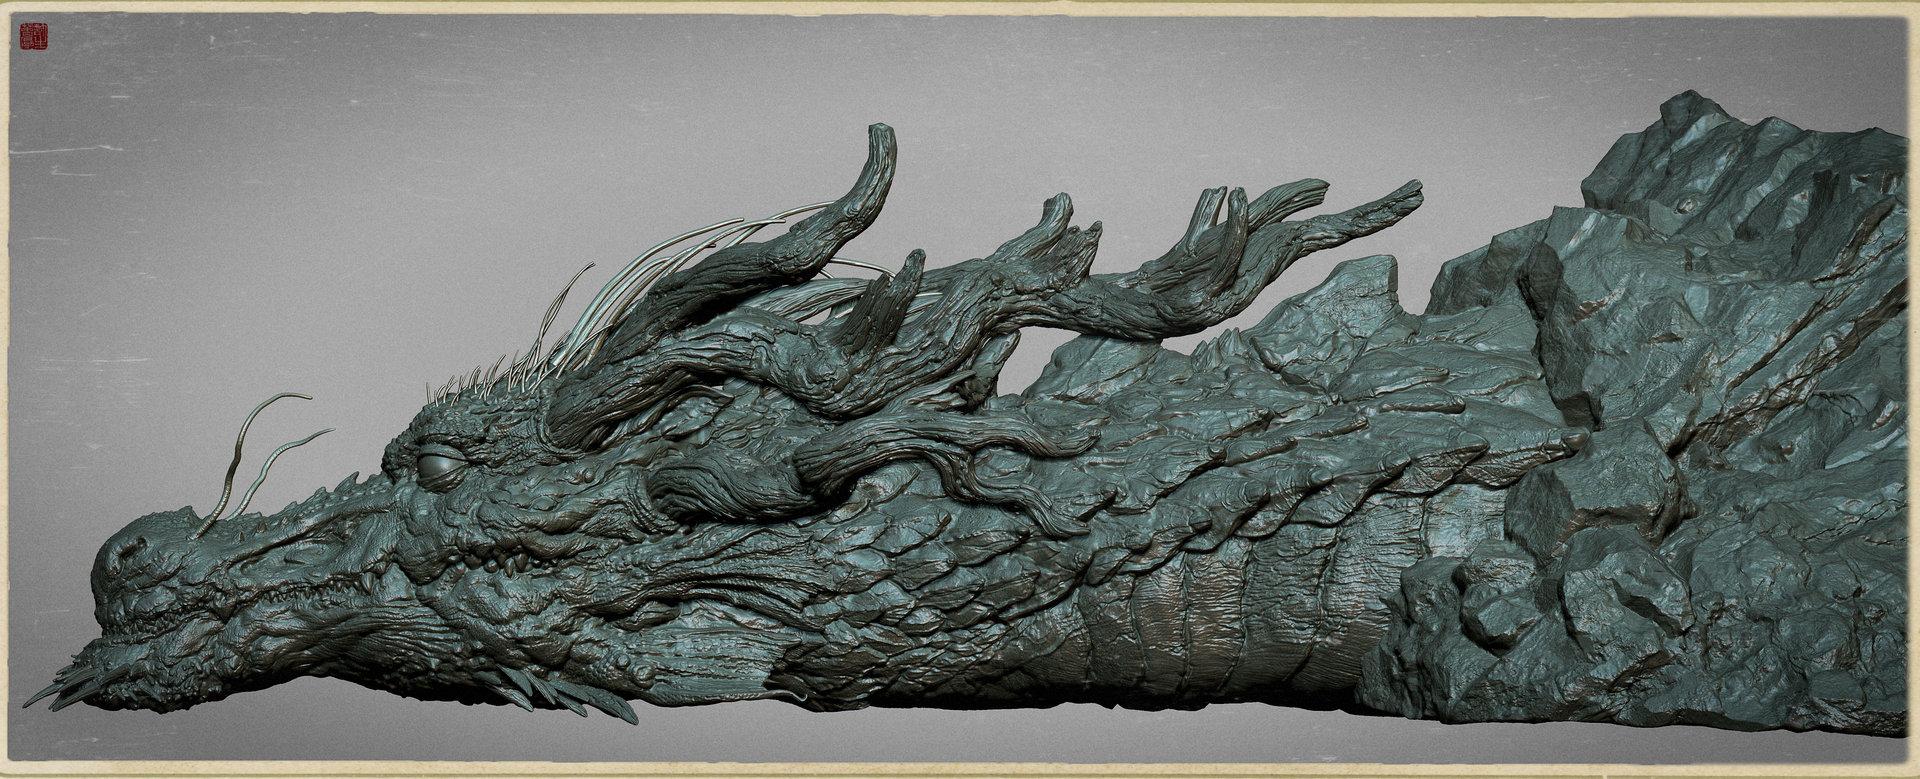 Zhelong xu 001 exposure